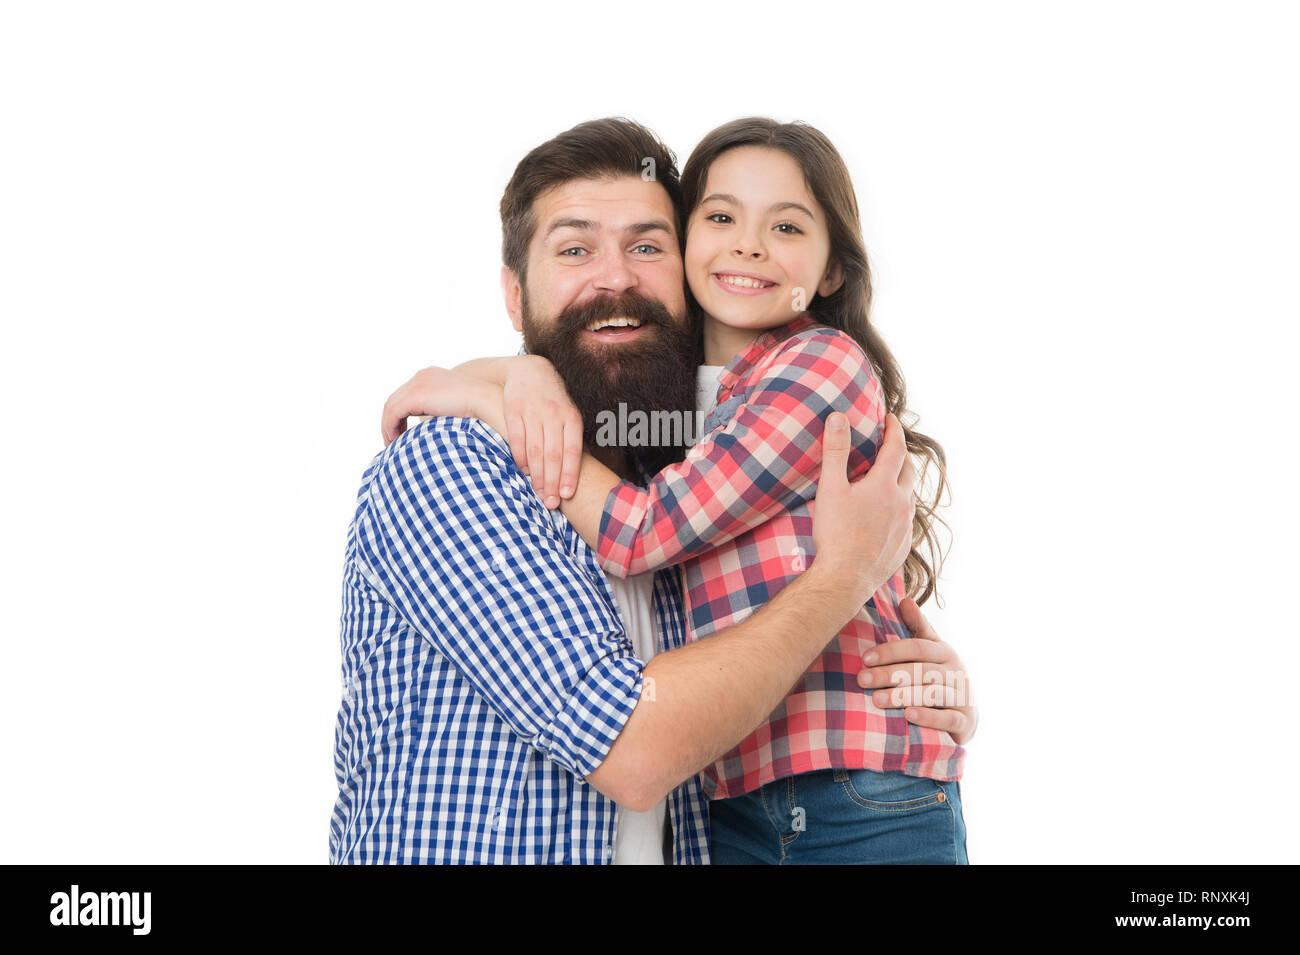 Dating des Vaters Ihres Kindes